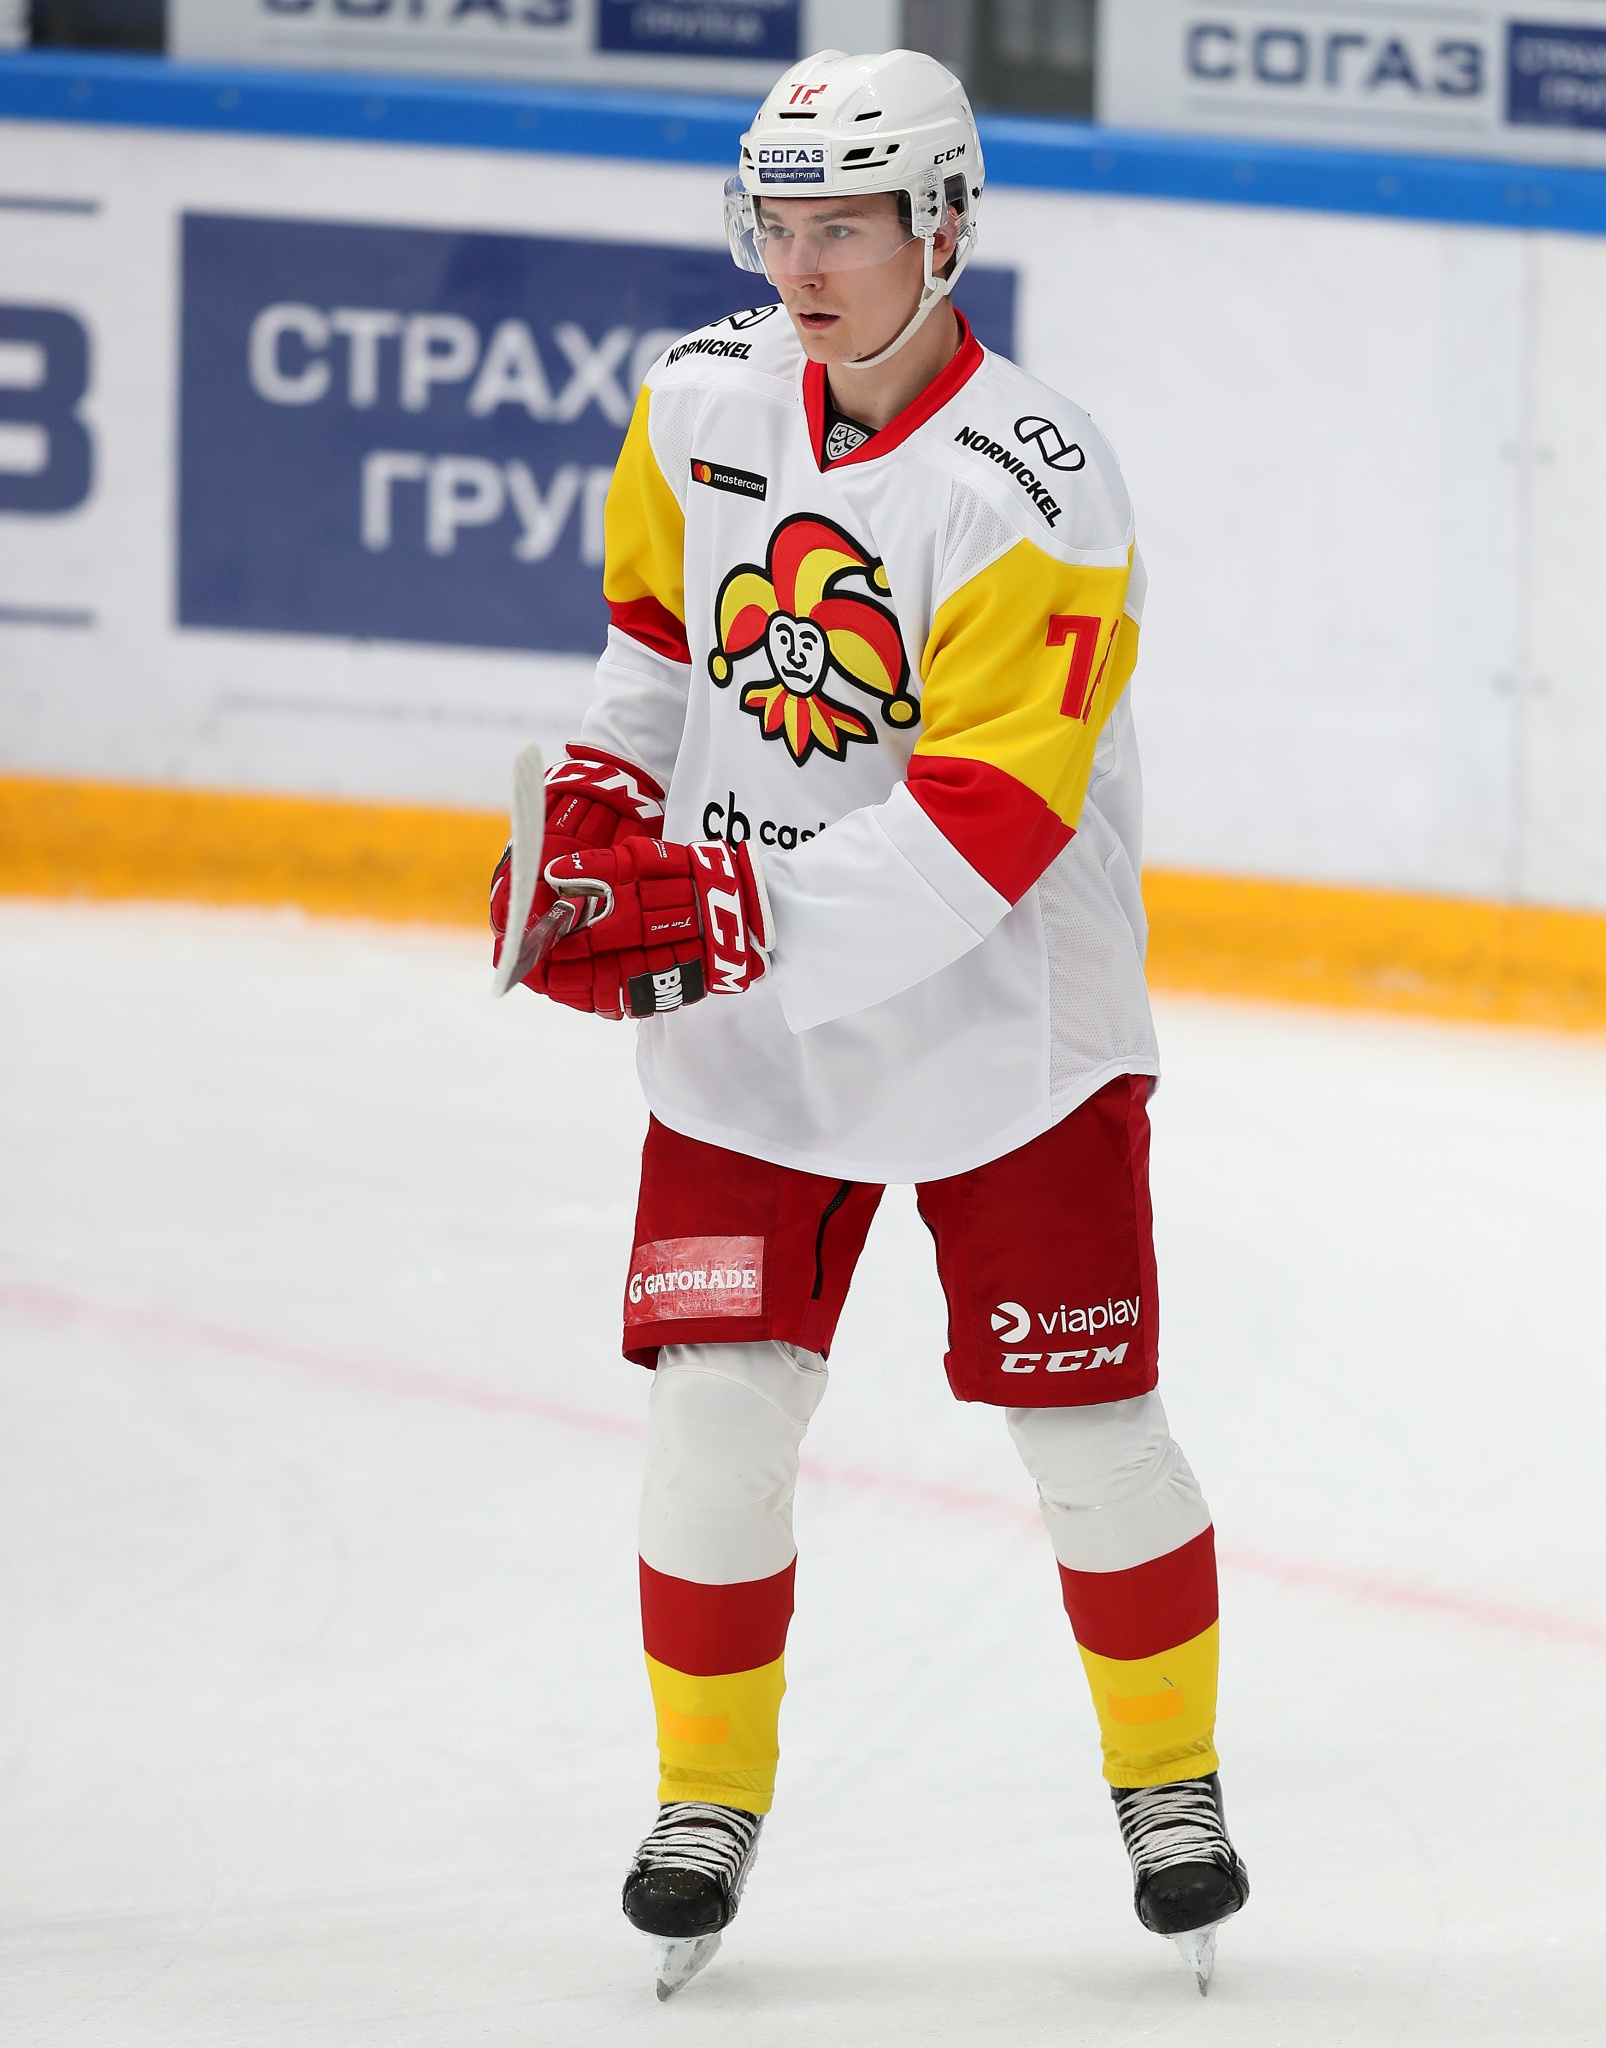 Алекси Халме. Фото: Юрий Кузьмин